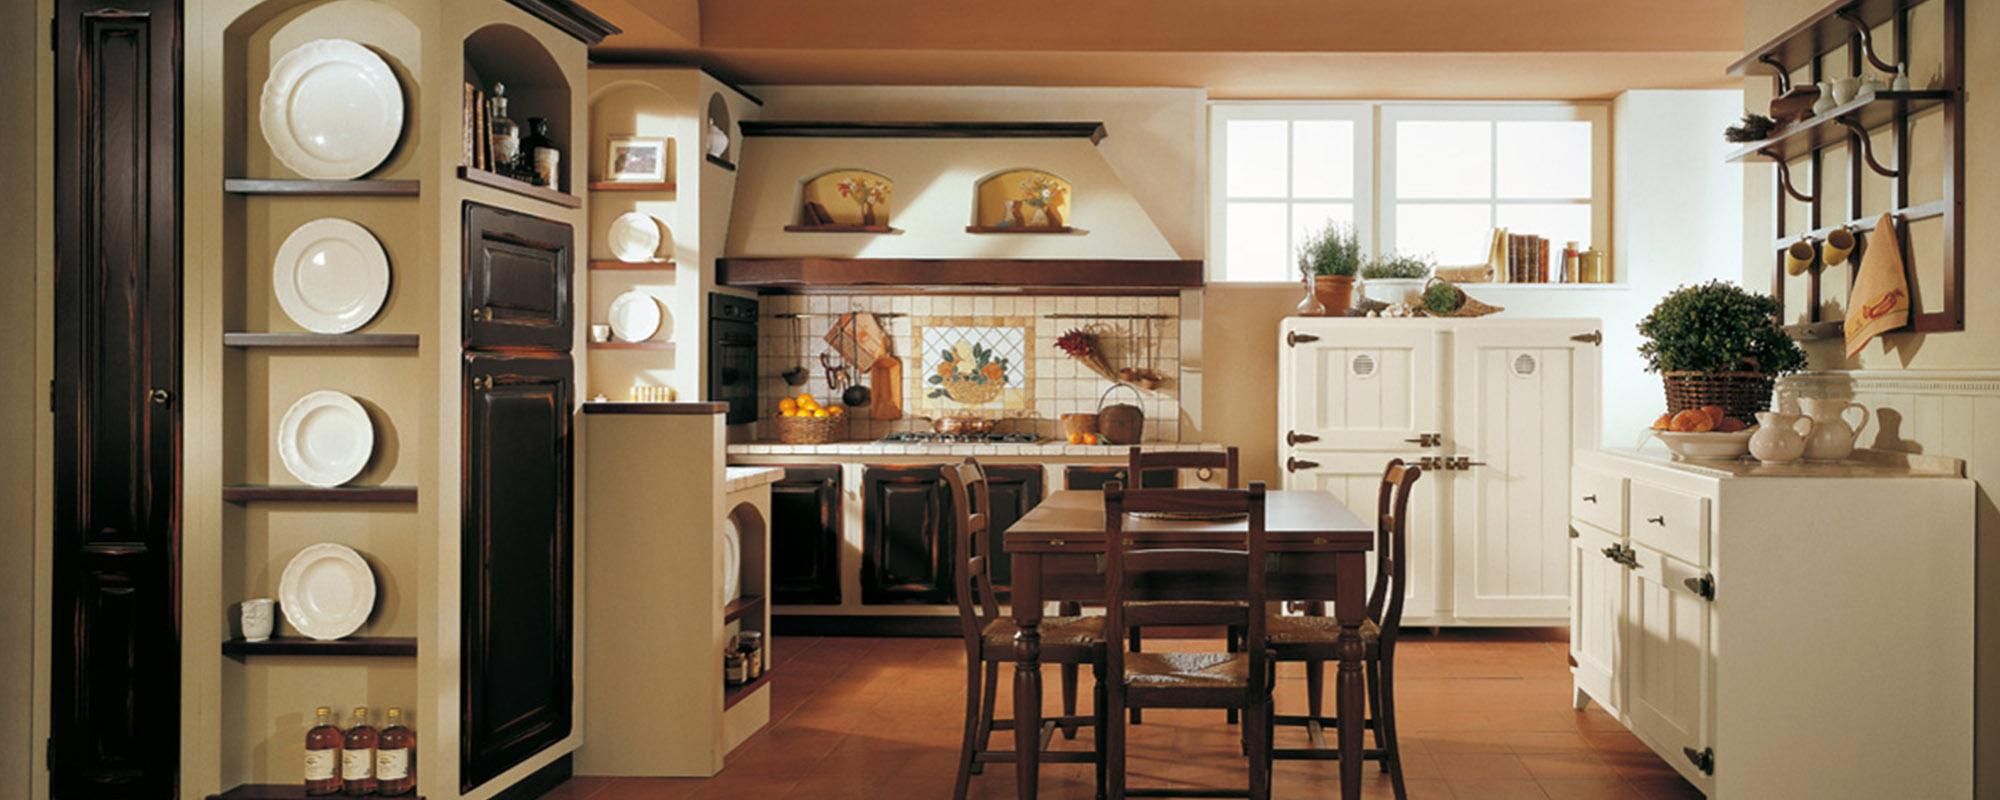 Cucine Rustiche - Cucine Padova